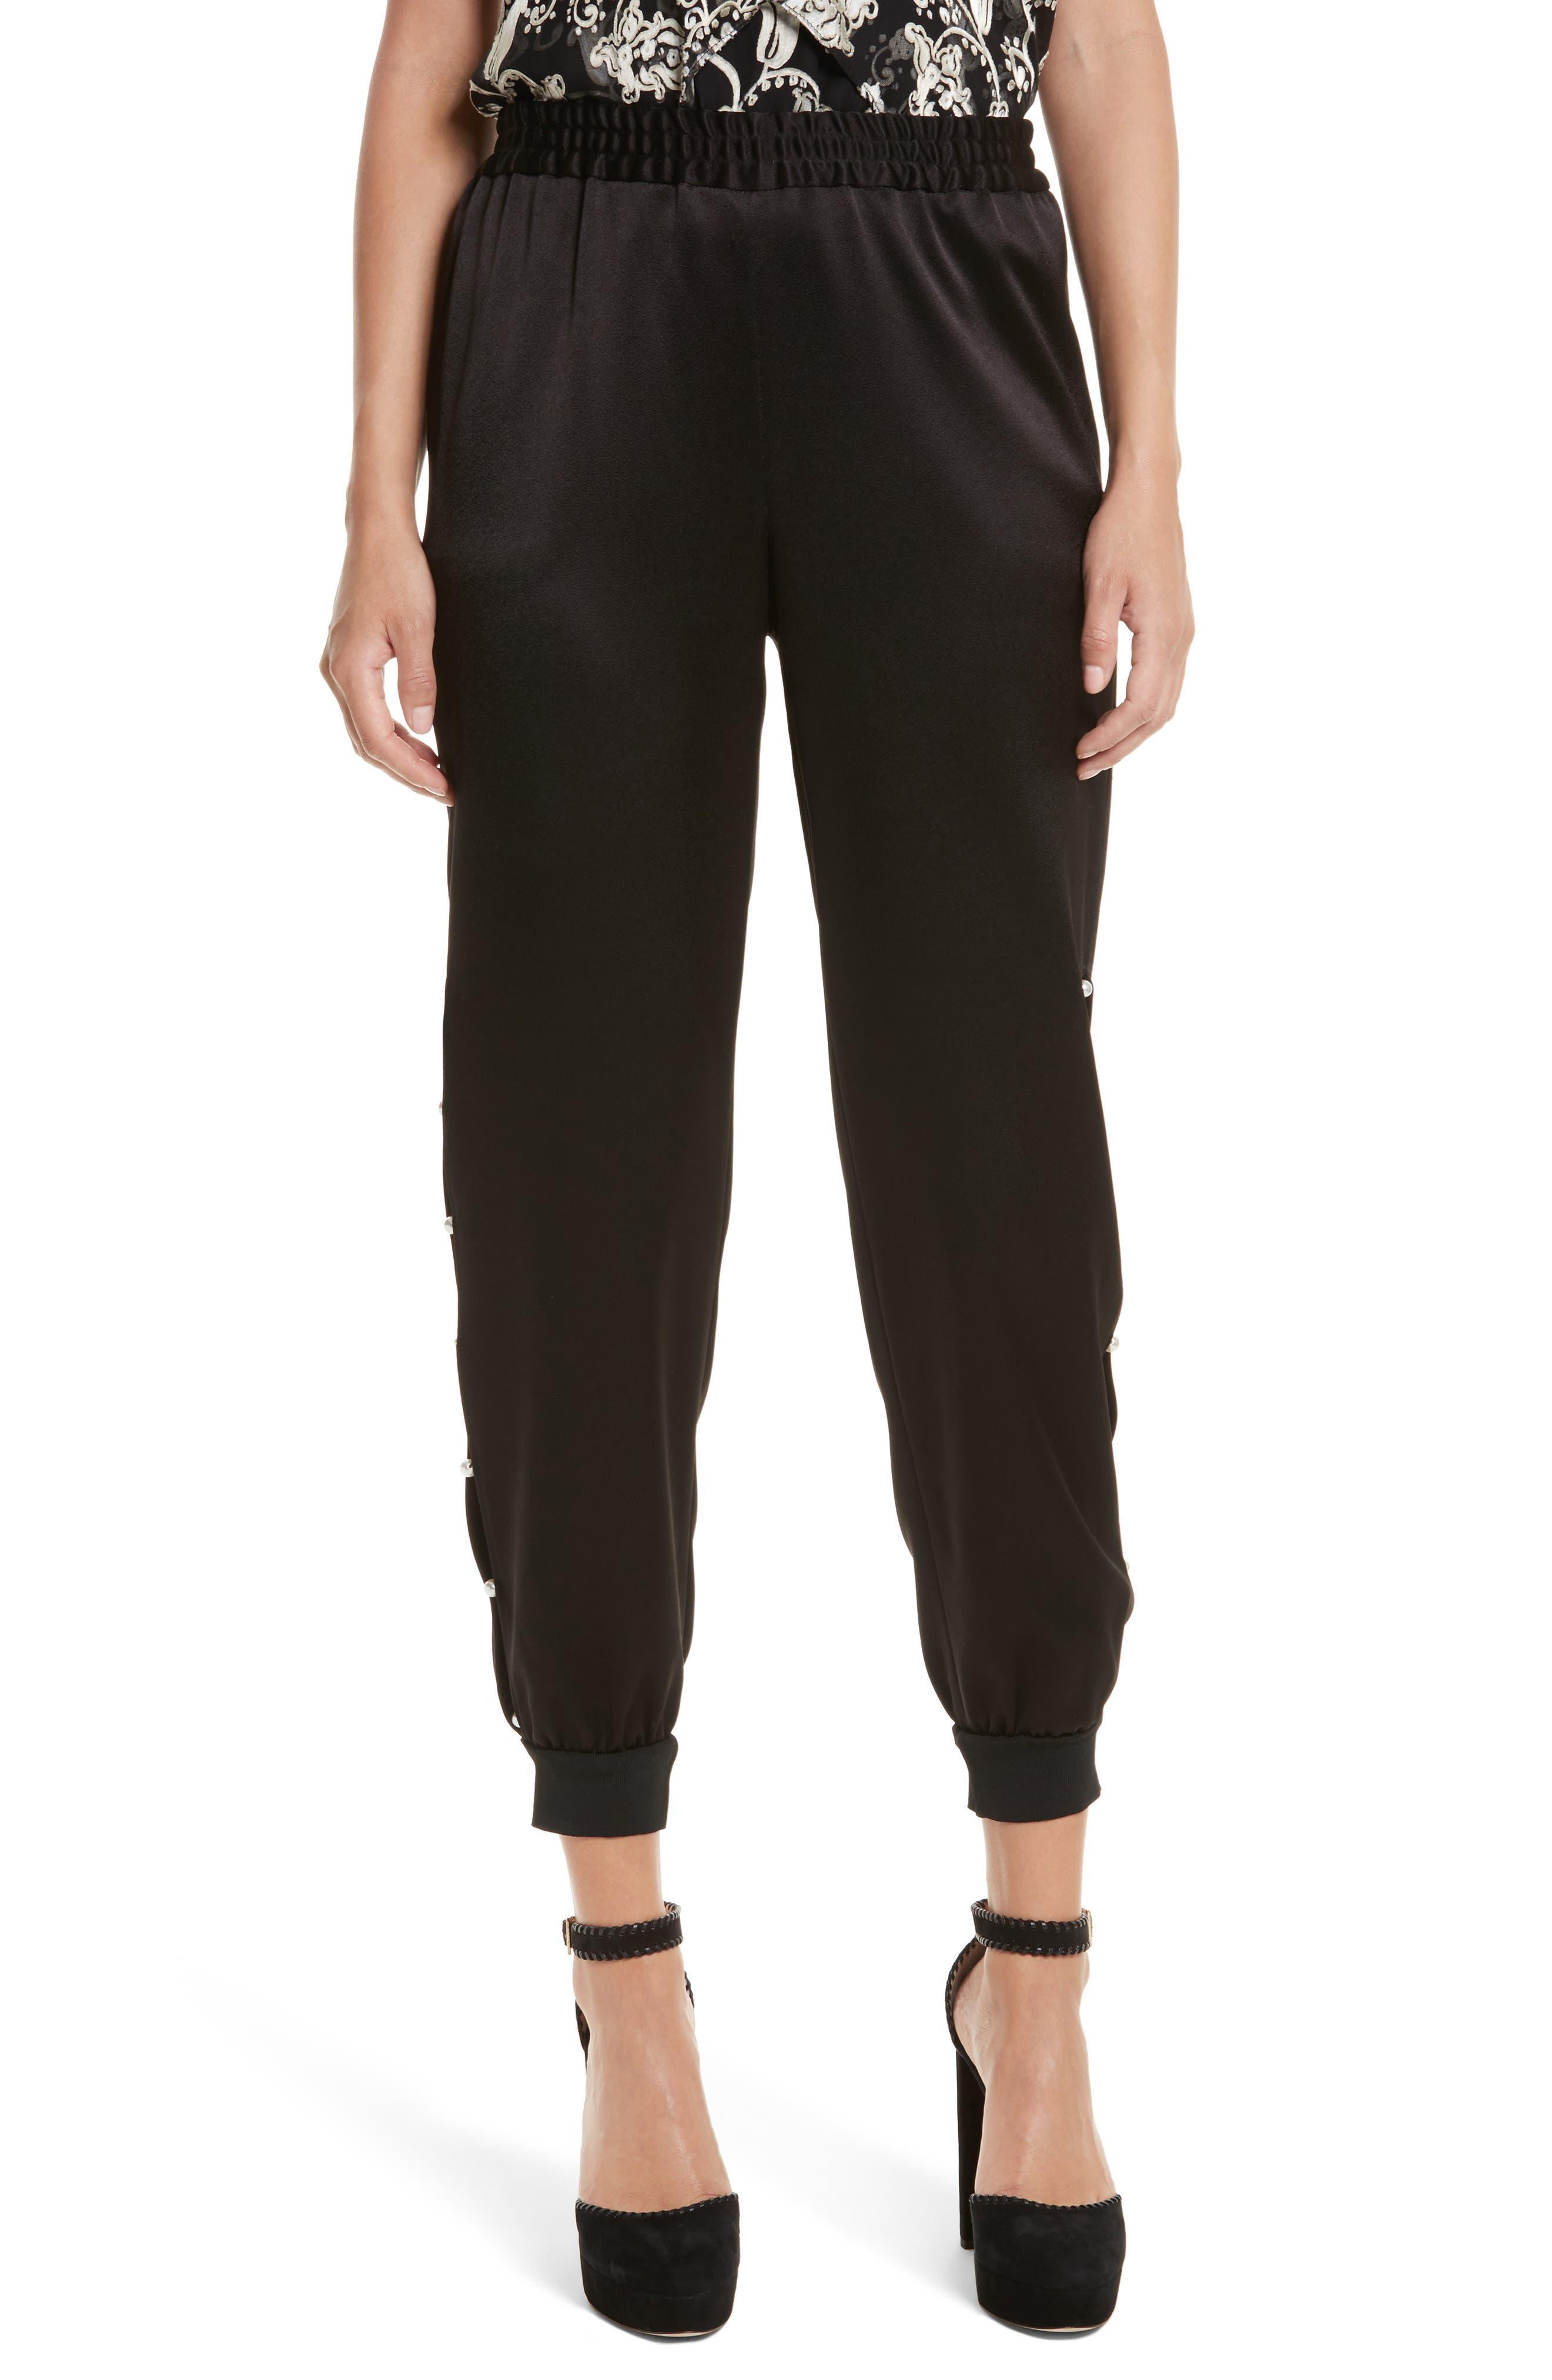 Pete Embellished Side Jogger Pants,                         Main,                         color, Black